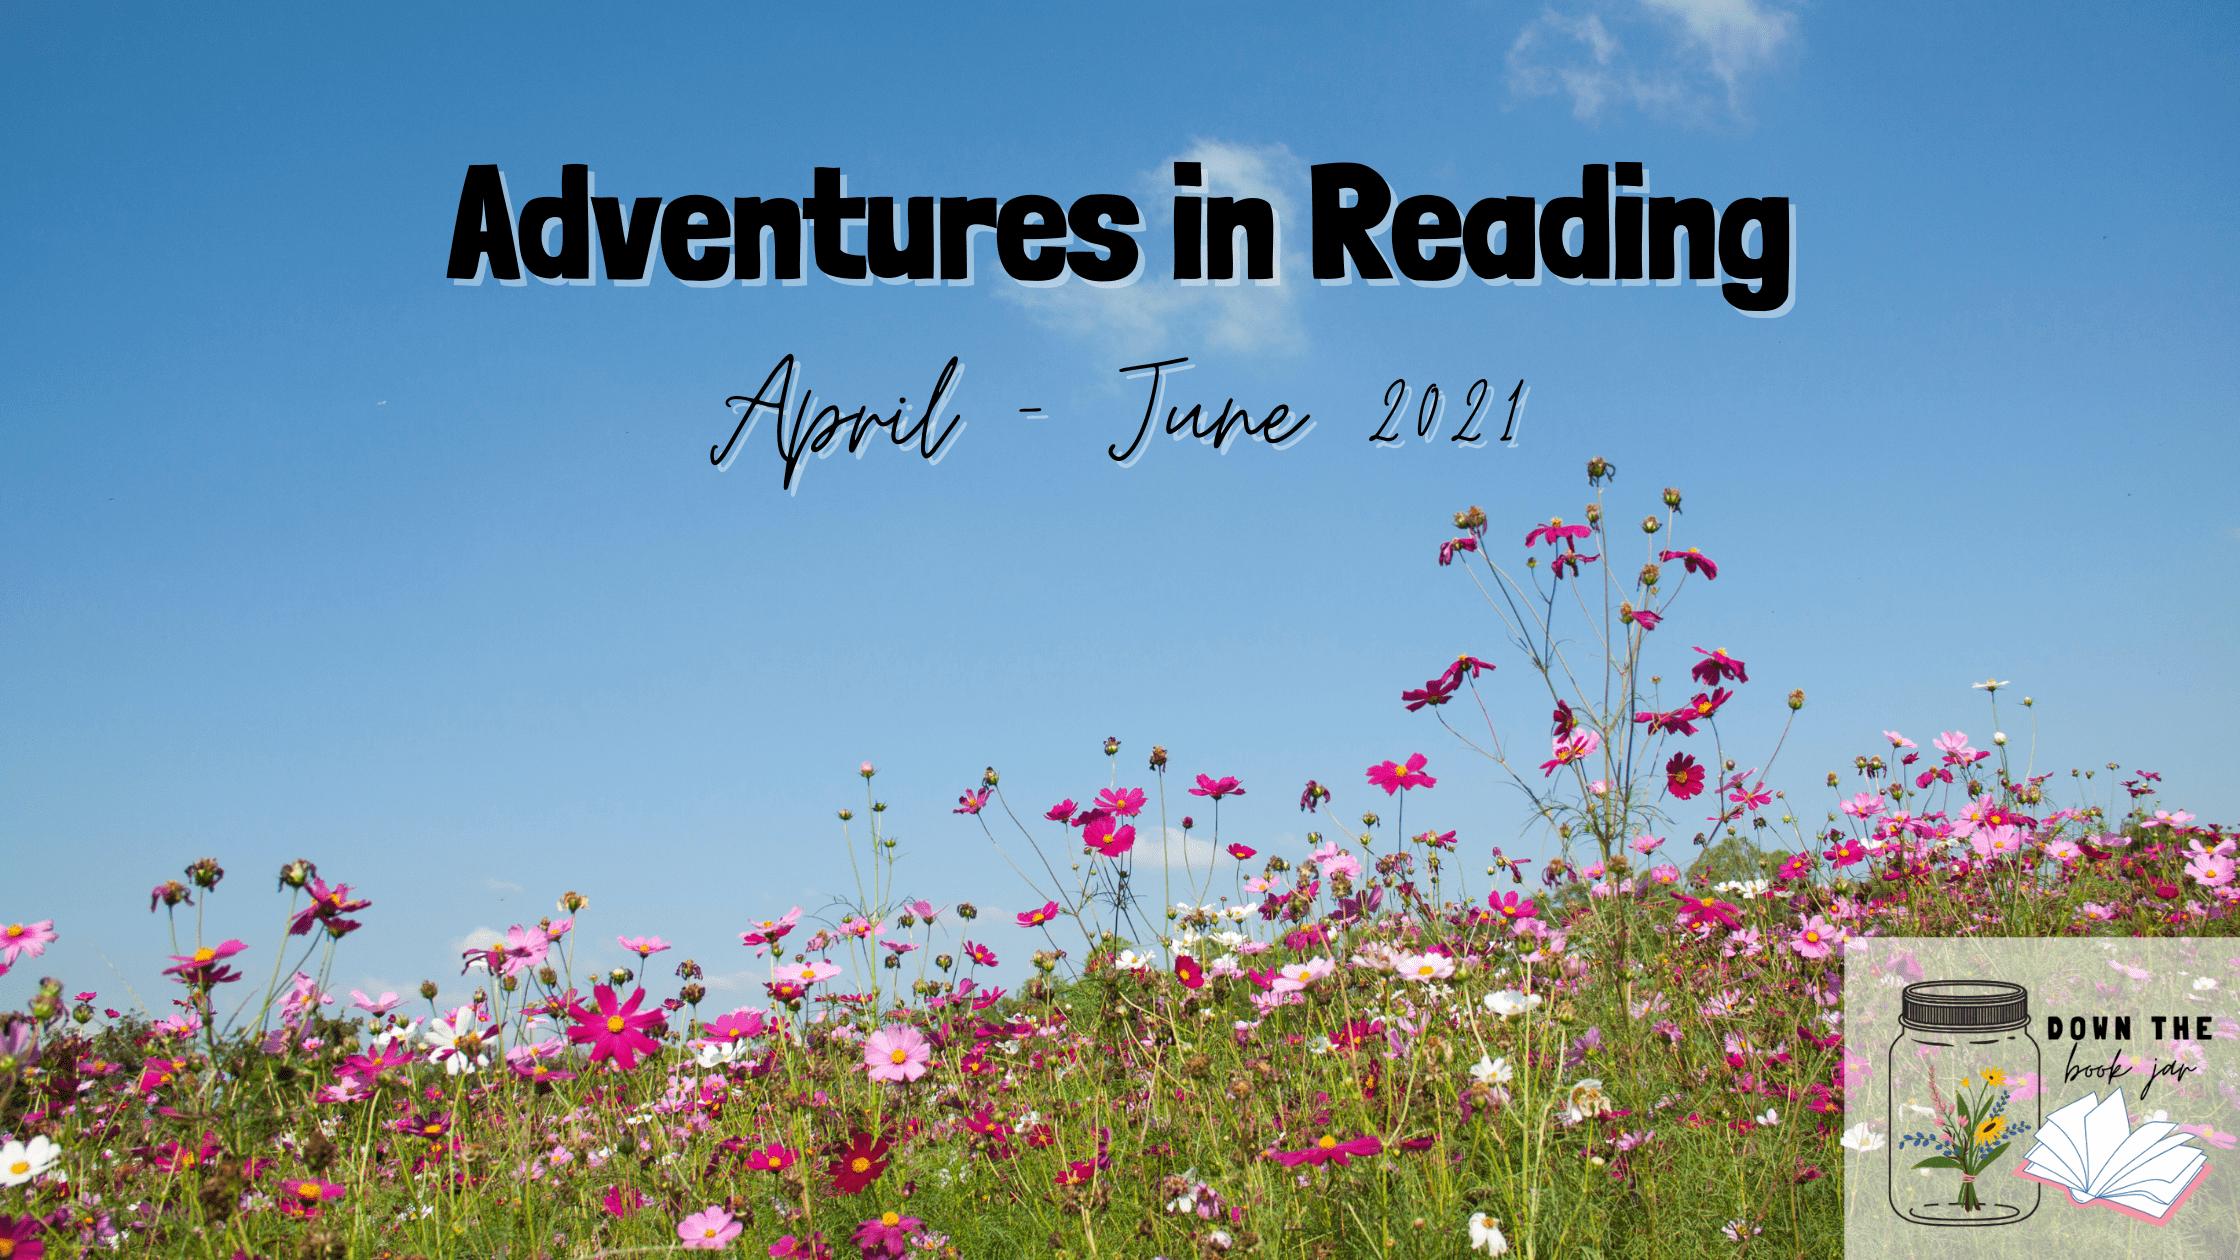 Adventures in Reading – April through June 2021